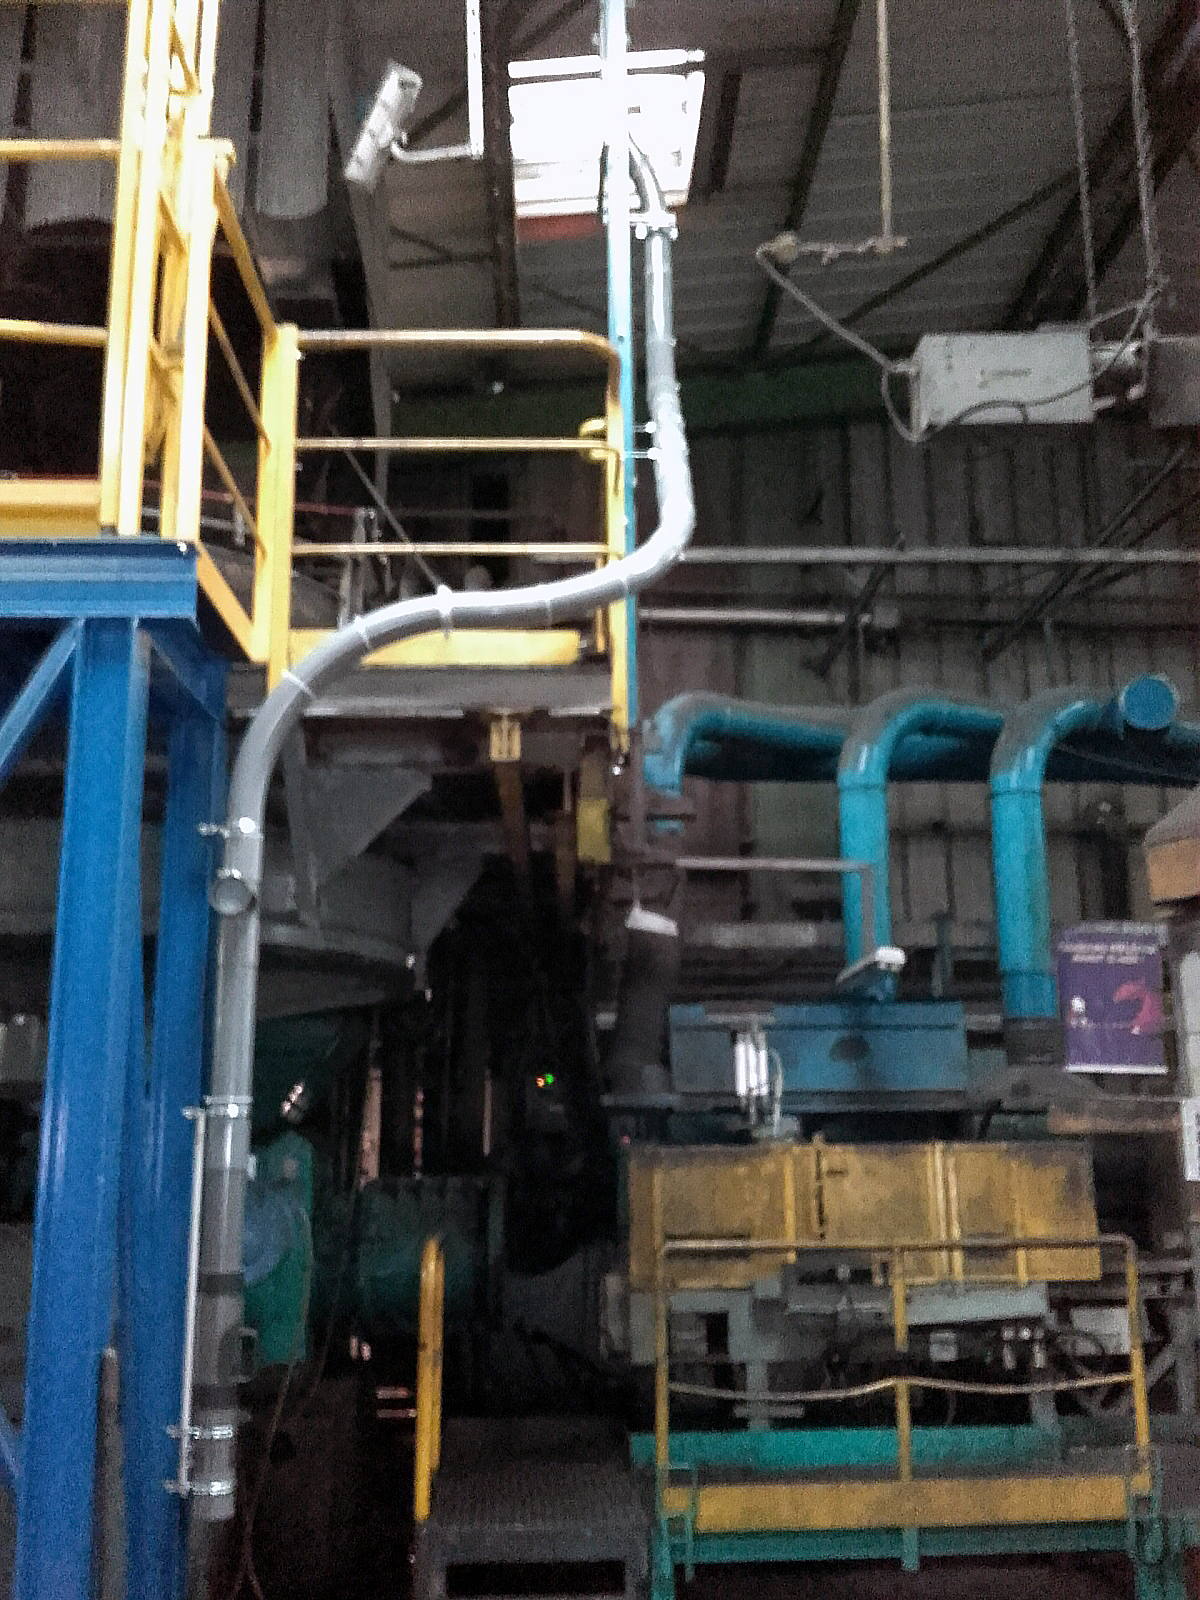 Chantier TRB - Tubes pneumatiques